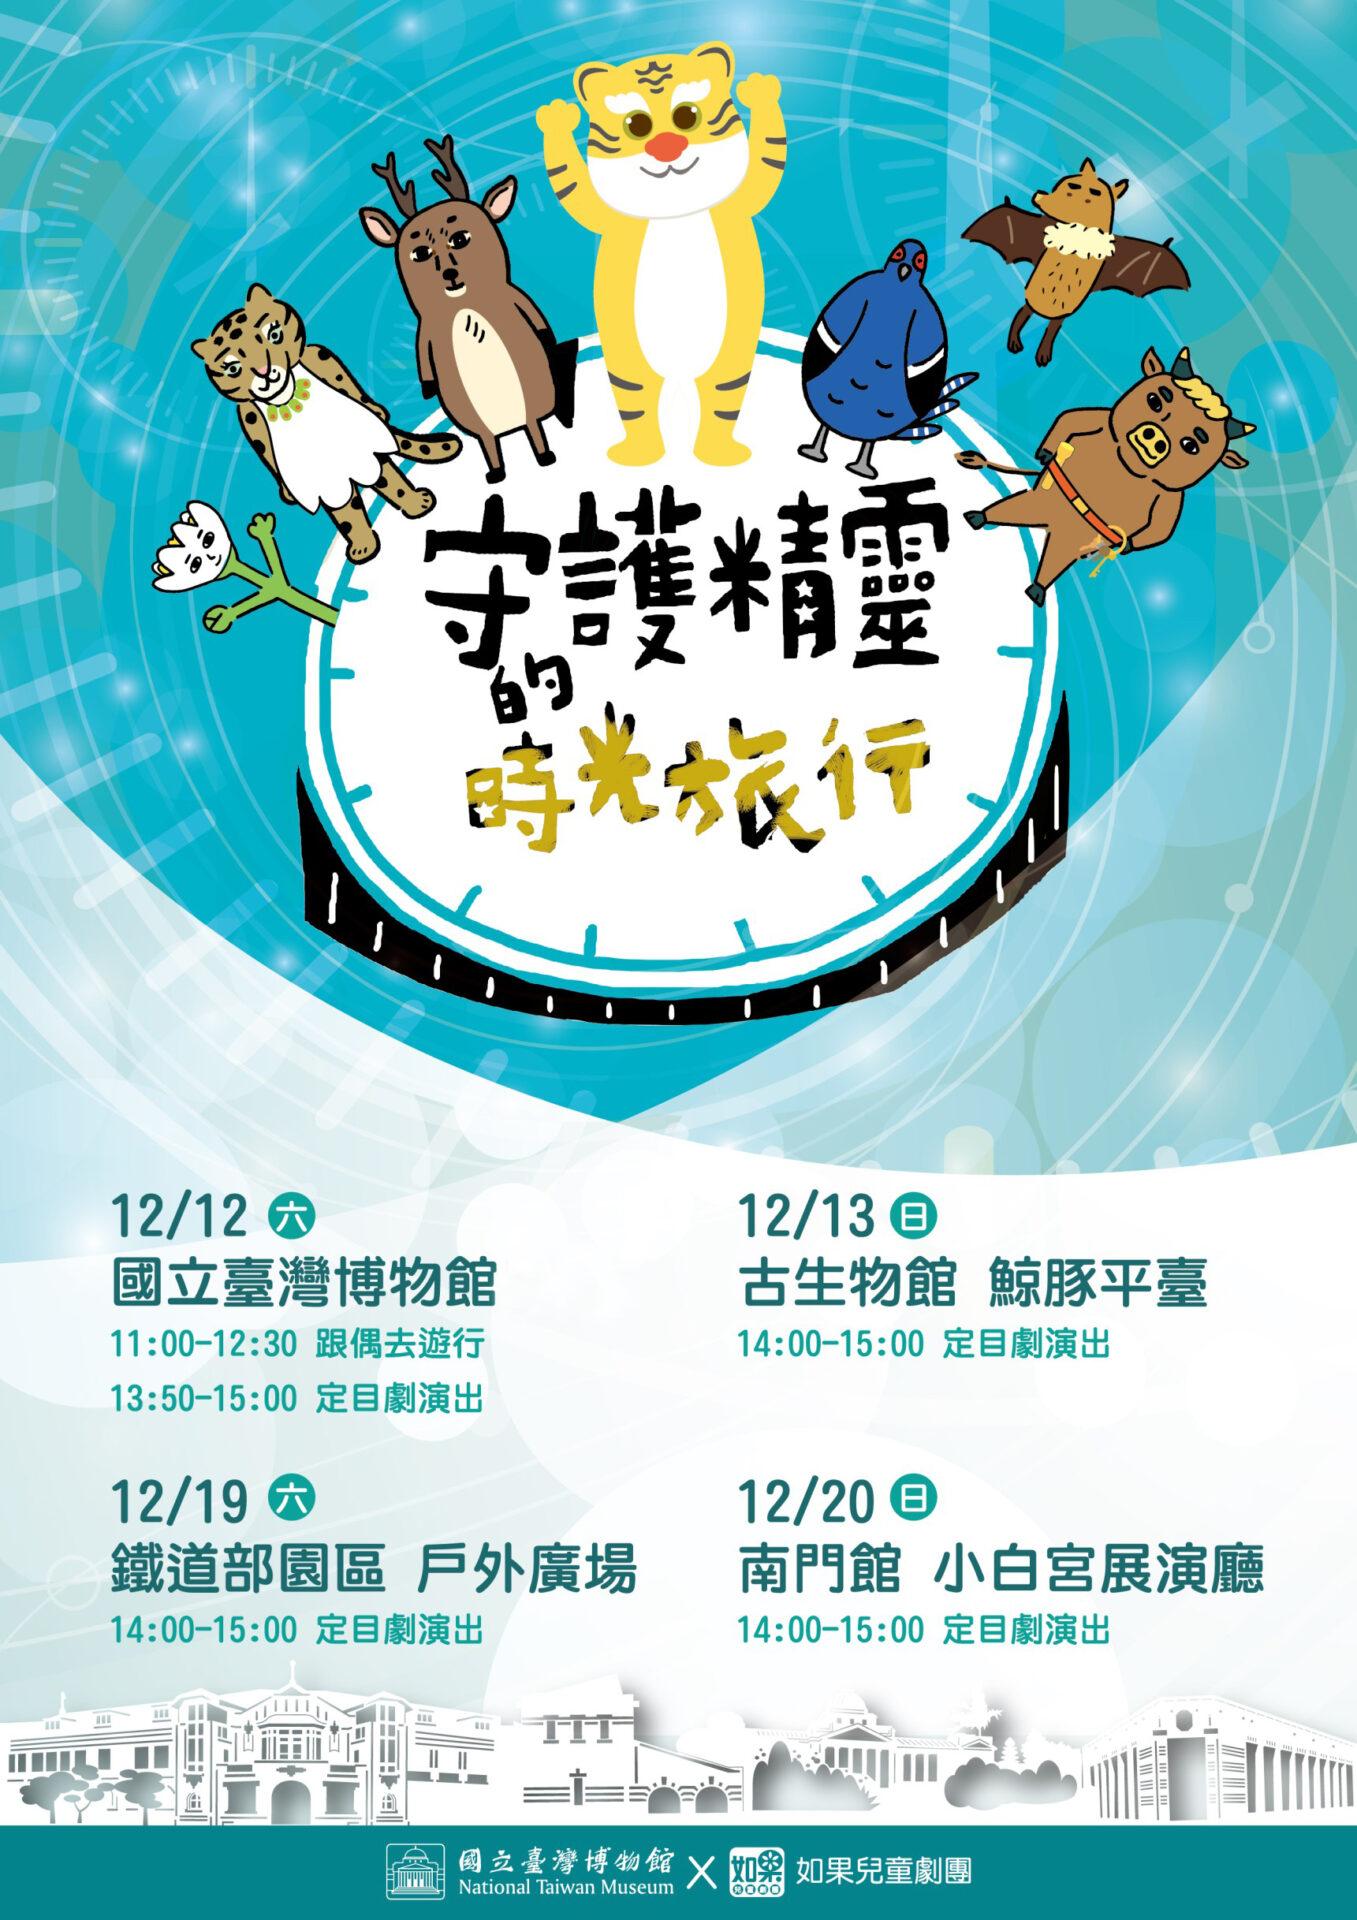 國立臺灣博物館:2020/12/19、12/20【「守護精靈的時光旅行」定目劇演出】